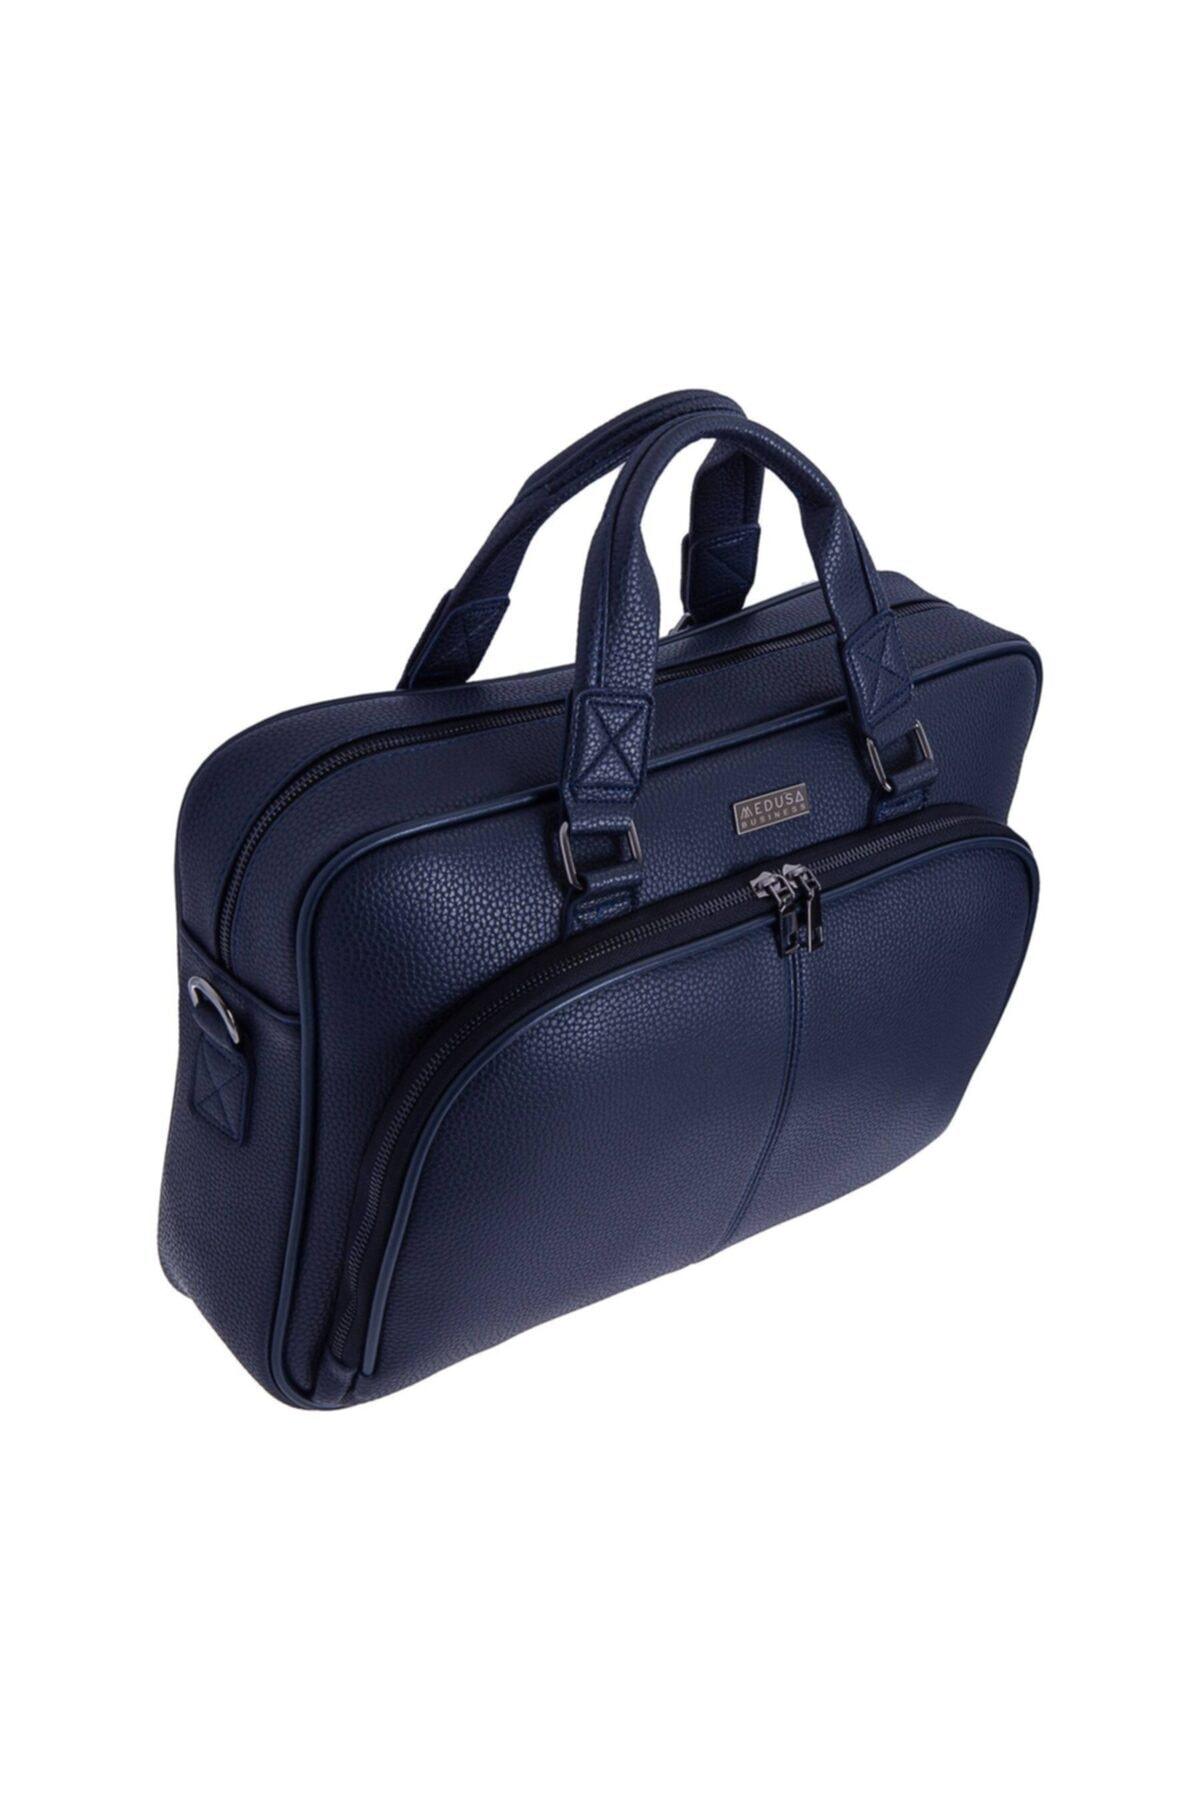 MEDUSA BUSİNESS Mavi Renk 15.6 Inch Laptop & Evrak Çantası 1